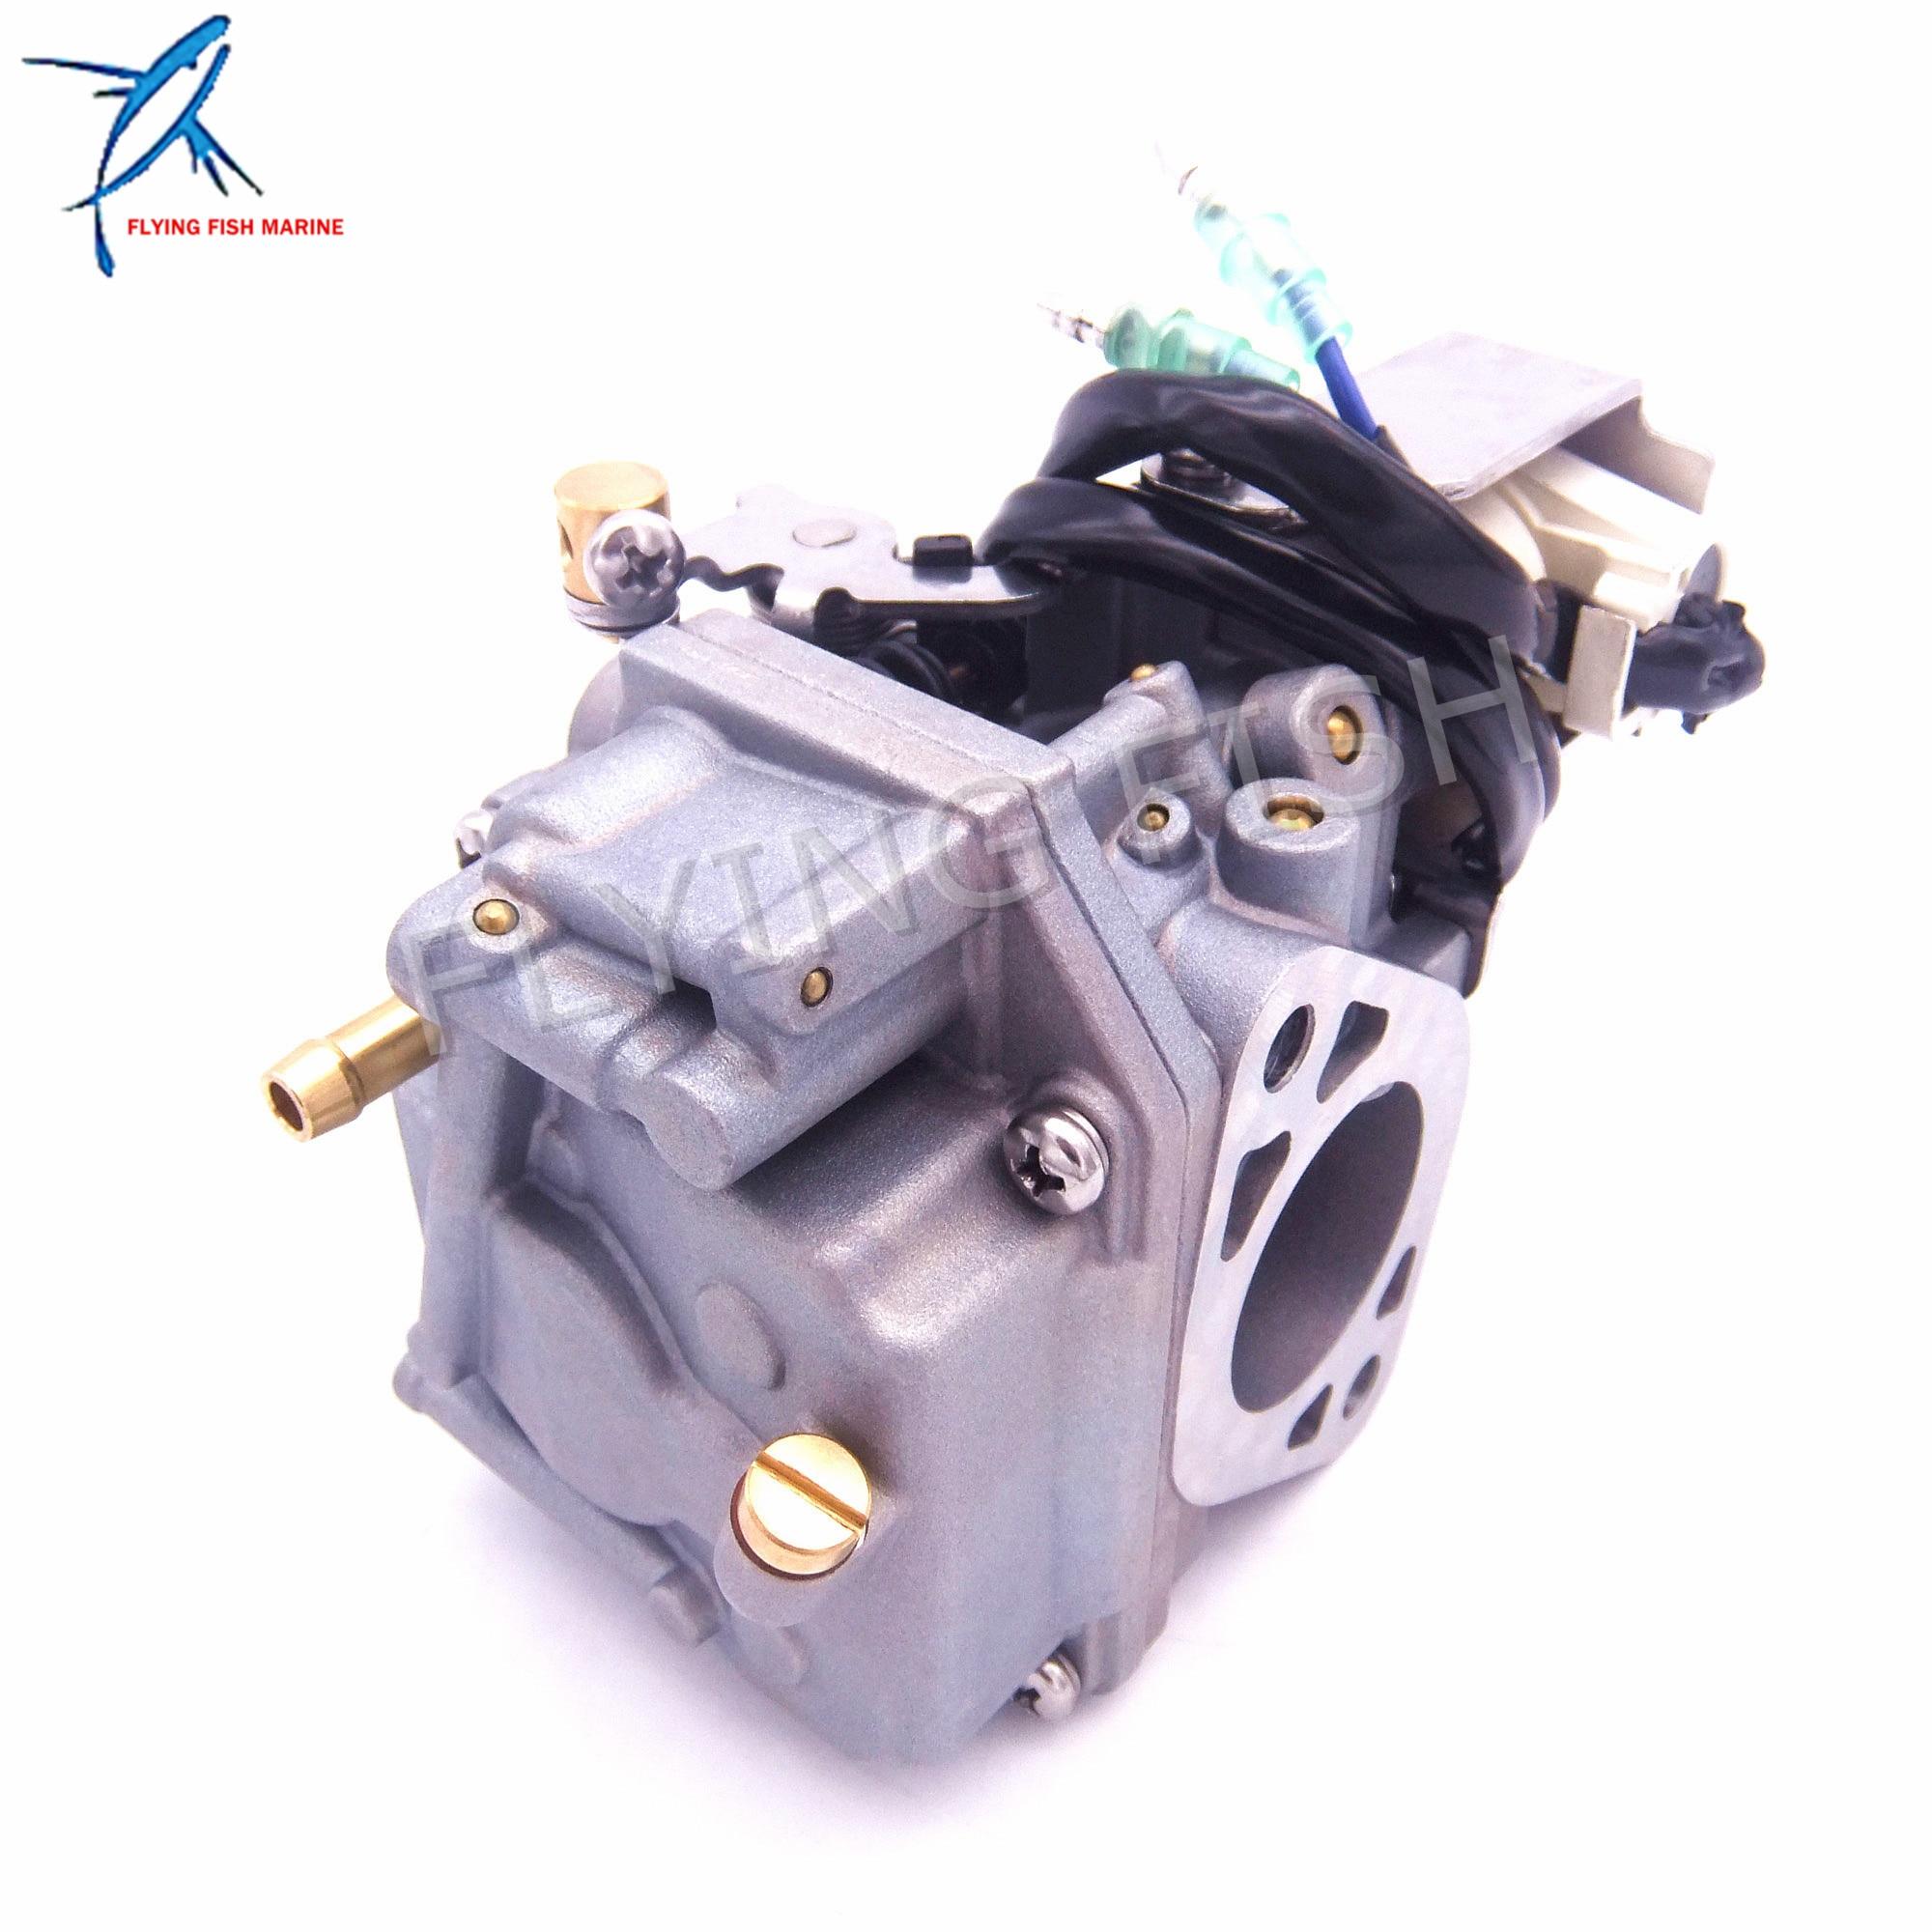 Hors-bord Moteur Carburateur Assy 6AH-14301-00 6AH-14301-01 pour Yamaha 4-course F20 Bateau Moteur Livraison Gratuite